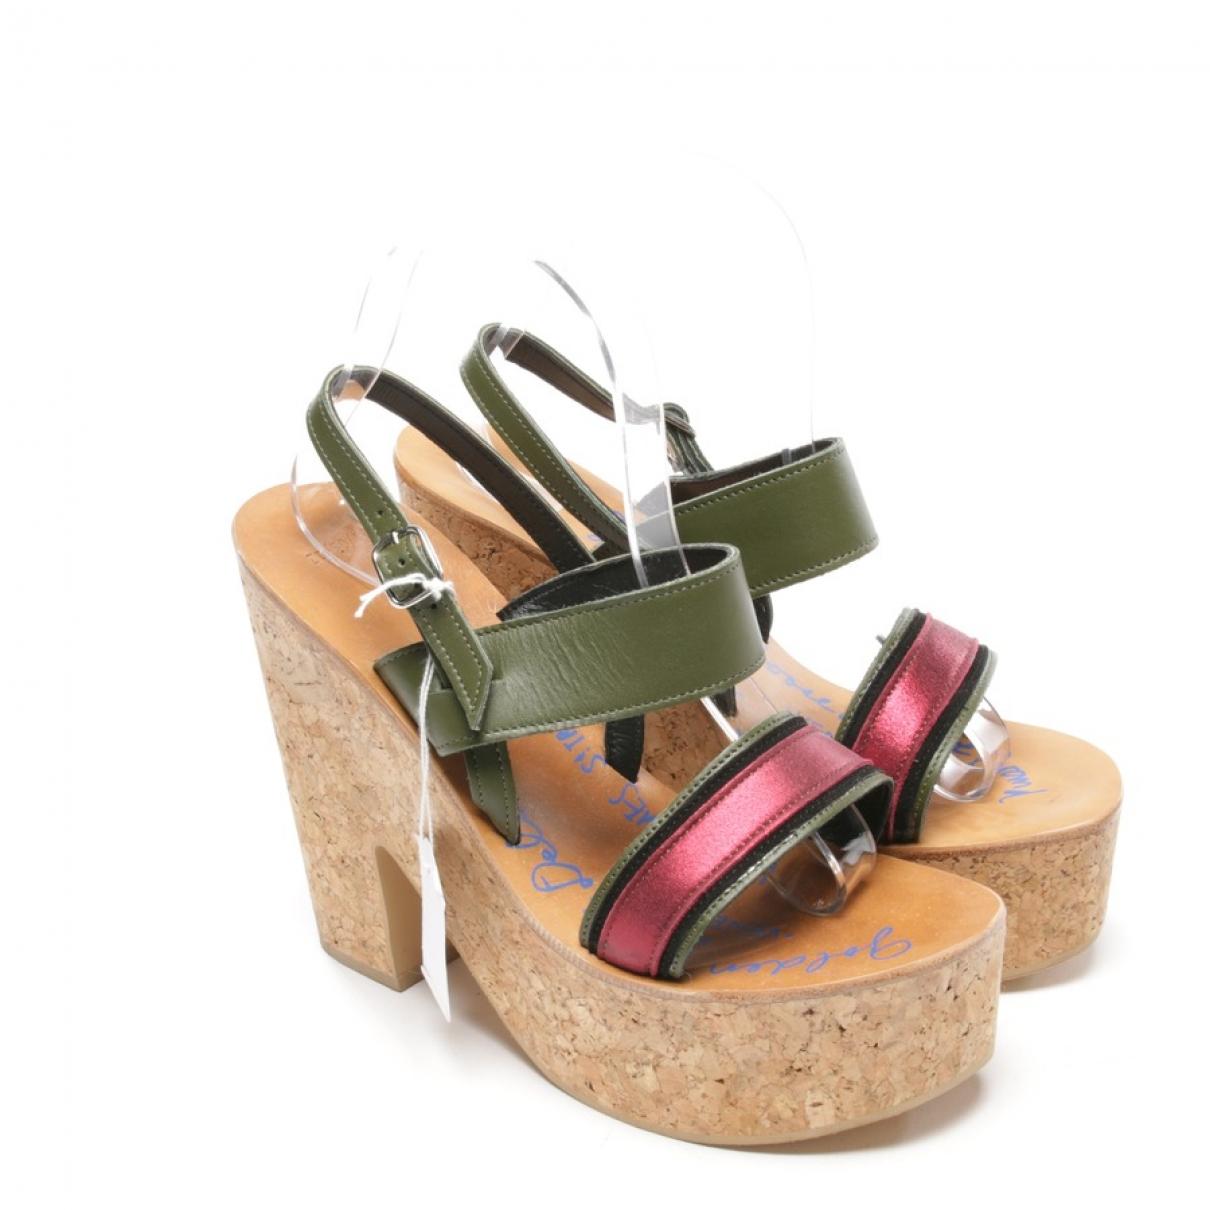 K Jacques - Sandales   pour femme en cuir verni - multicolore